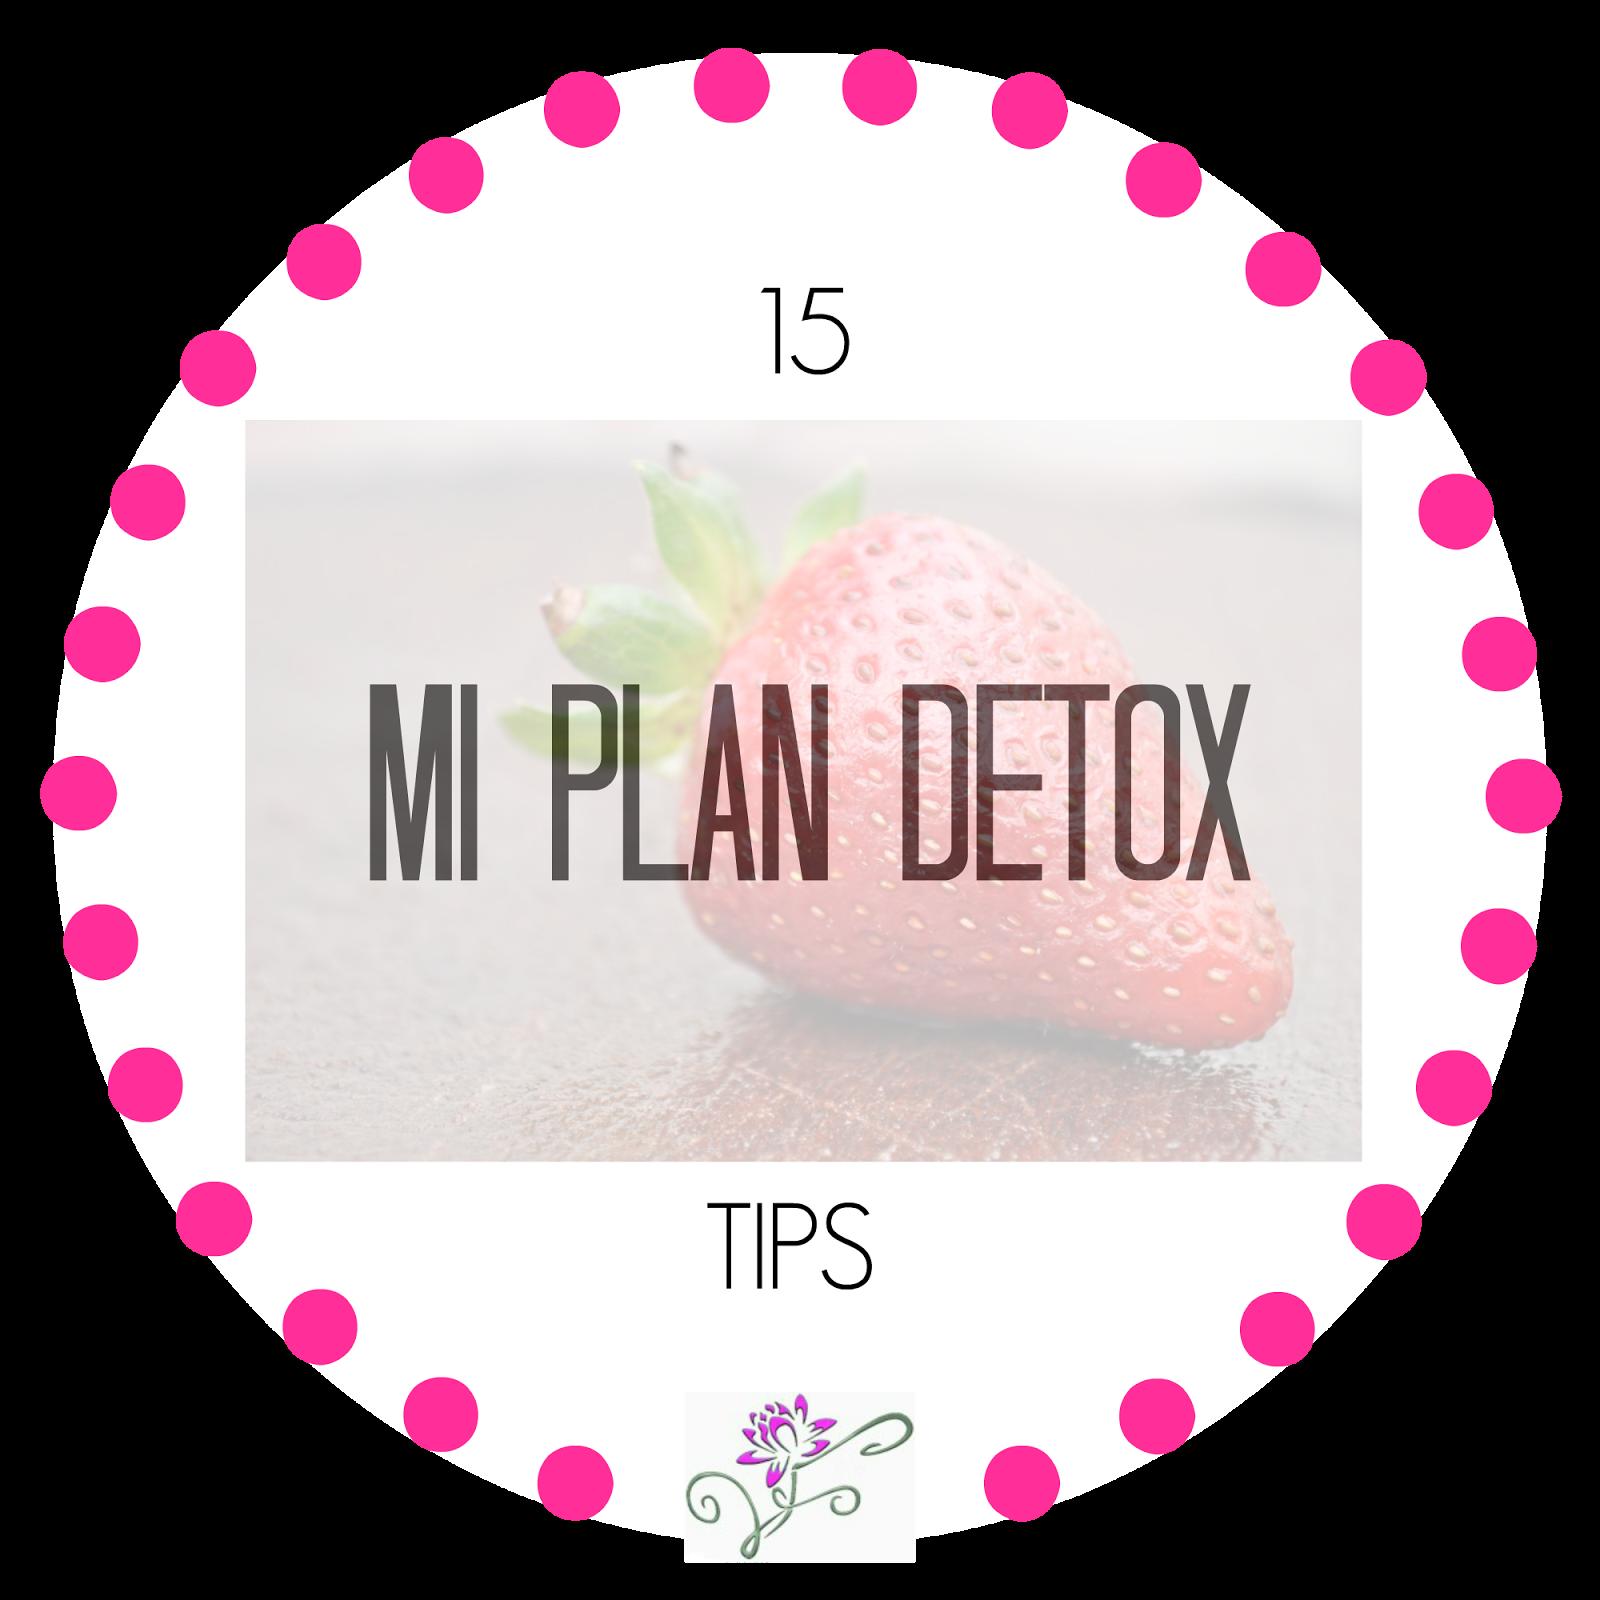 Mi_plan_detox